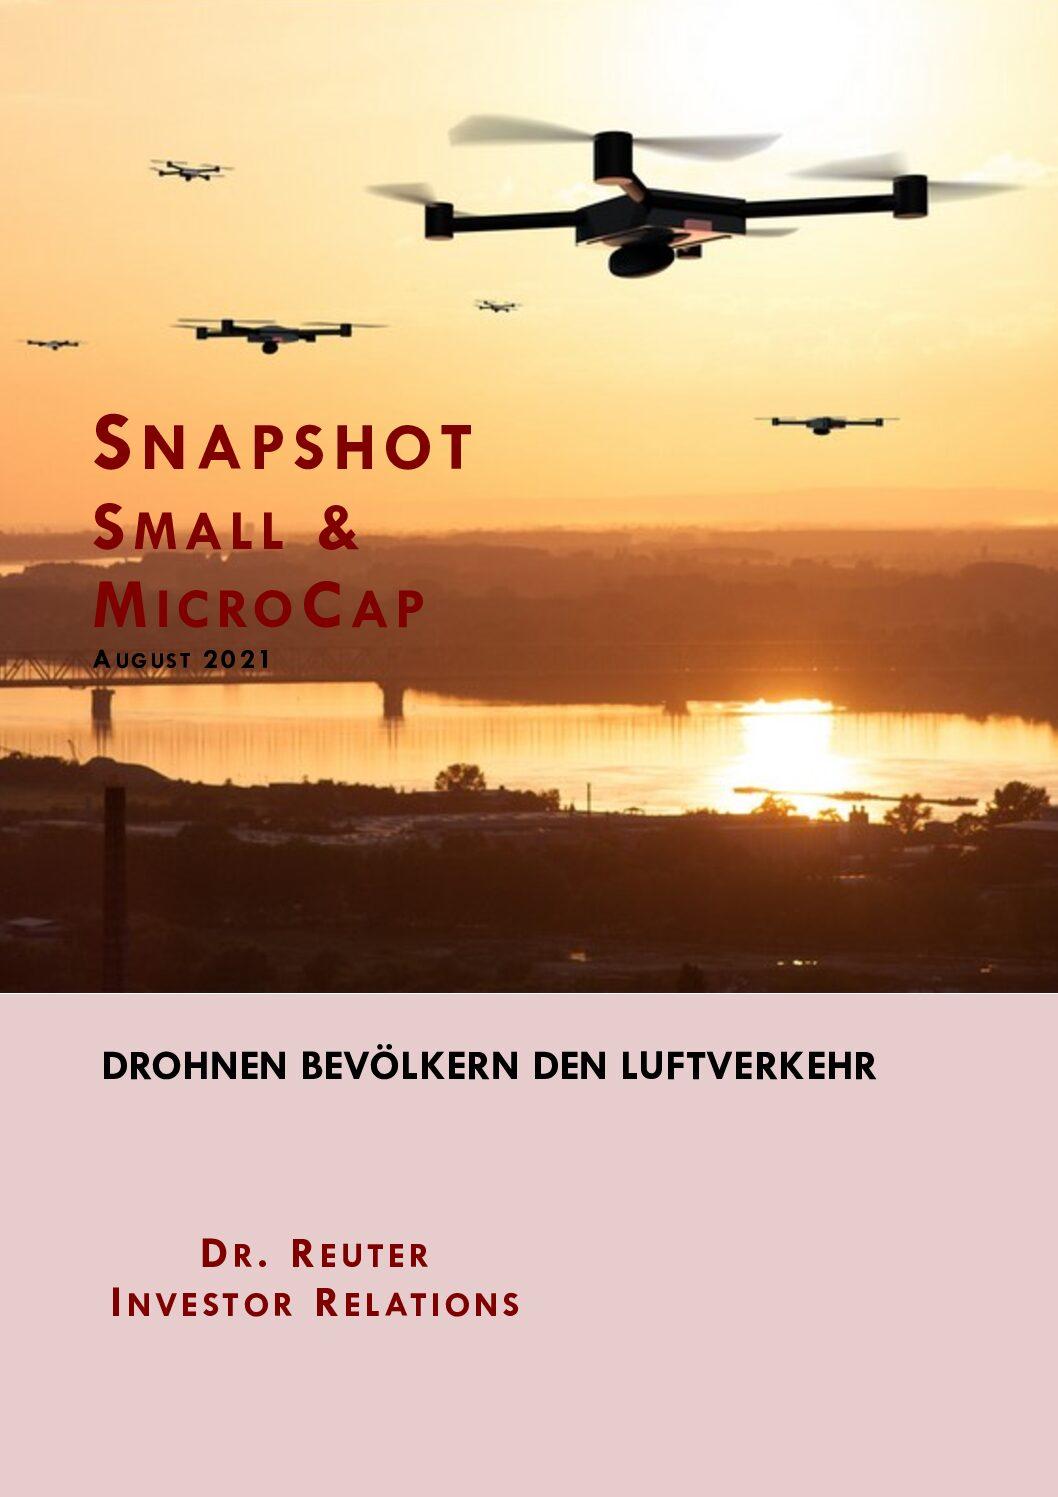 Snapshot 16.08.2021 Frequentis: Drohnen bevölkern den Luftverkehr